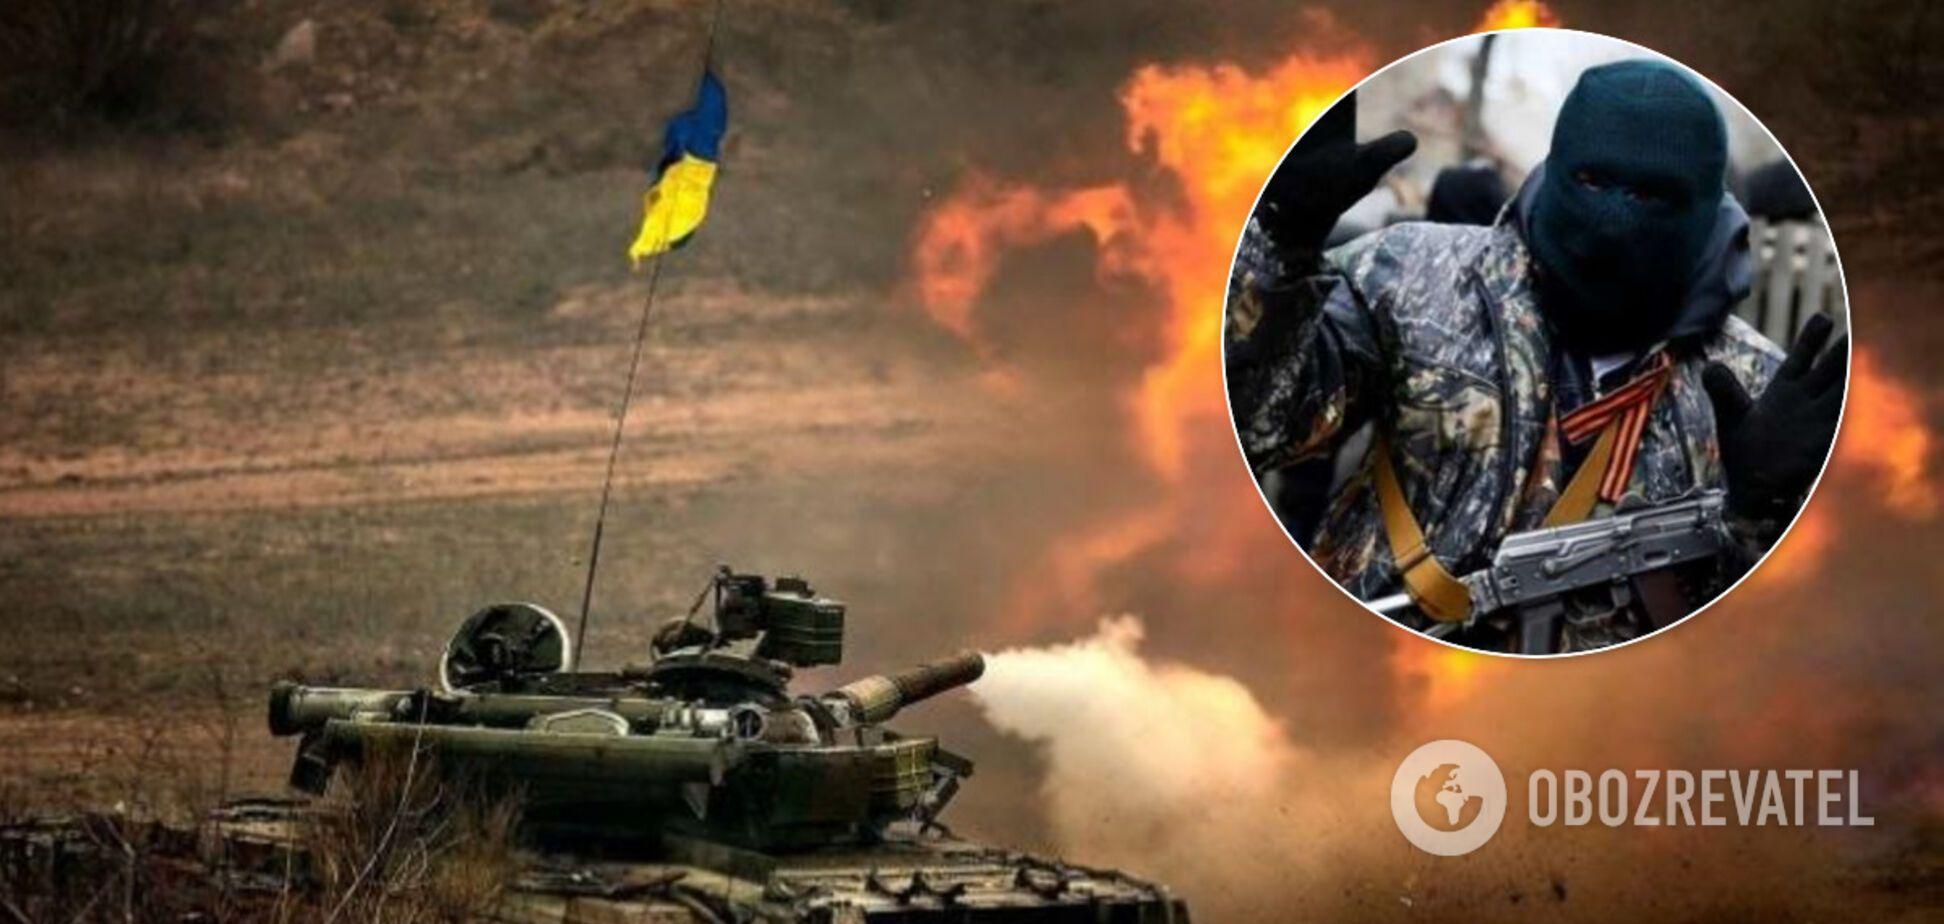 Бійці ЗСУ методично приструнили найманців Путіна: поранено 7 терористів